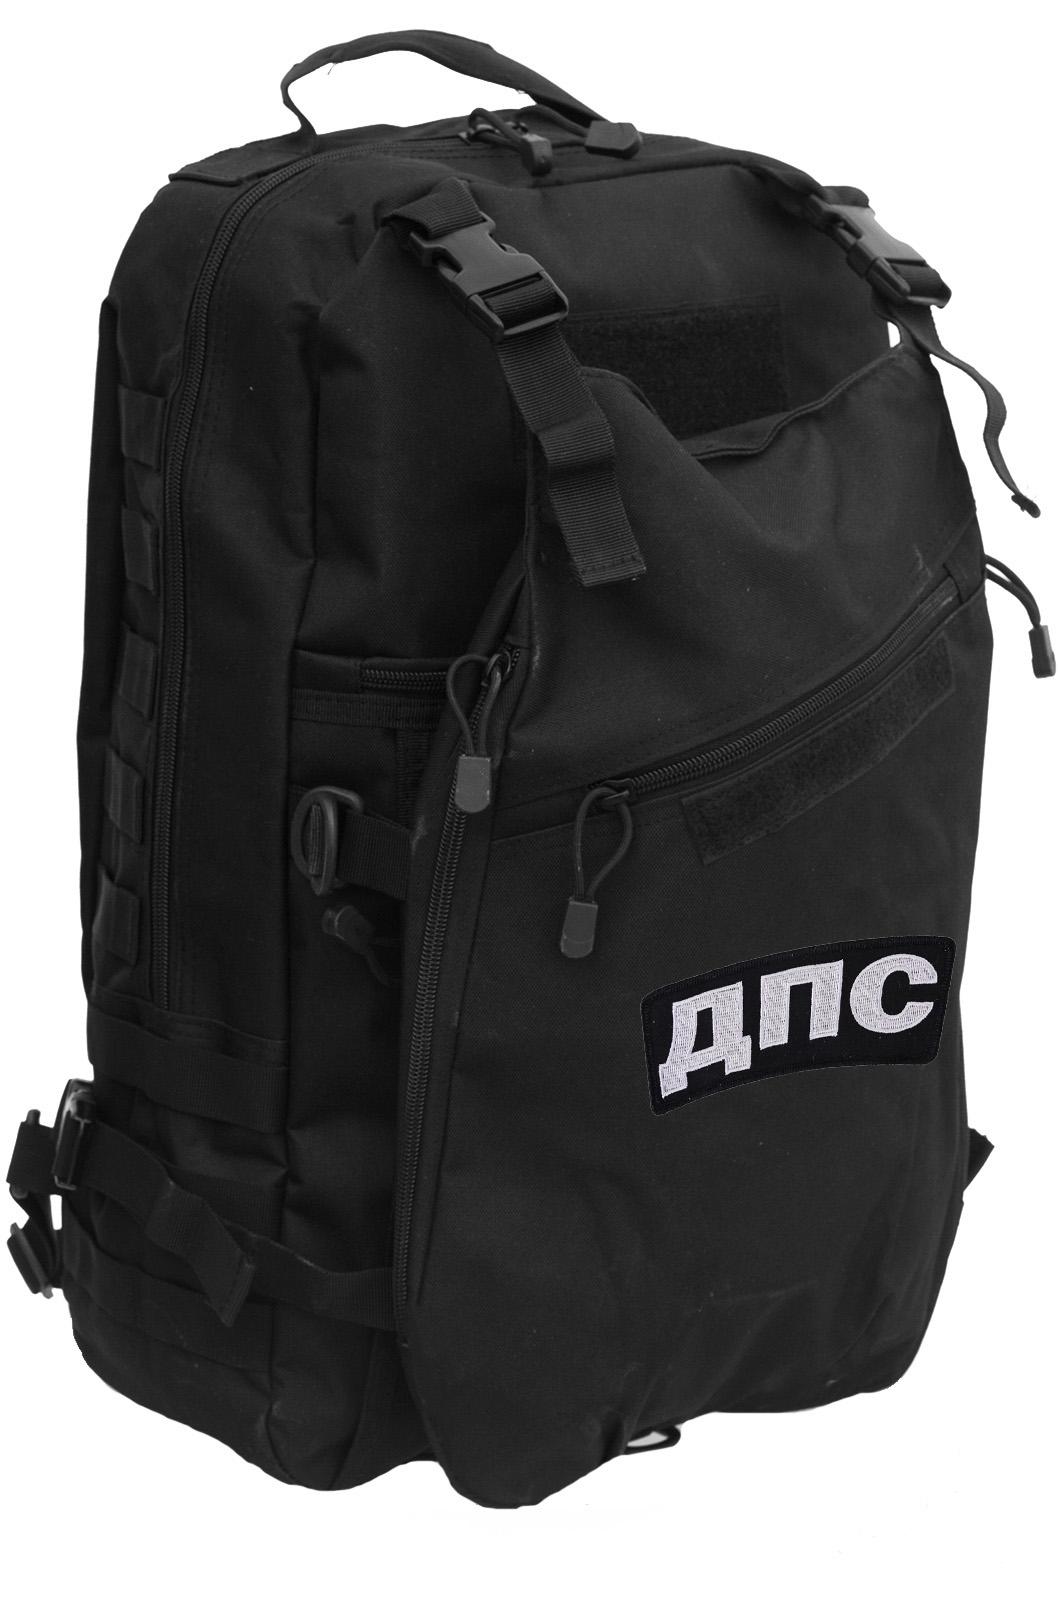 Тактический рейдовый рюкзак с нашивкой ДПС - купить с доставкой